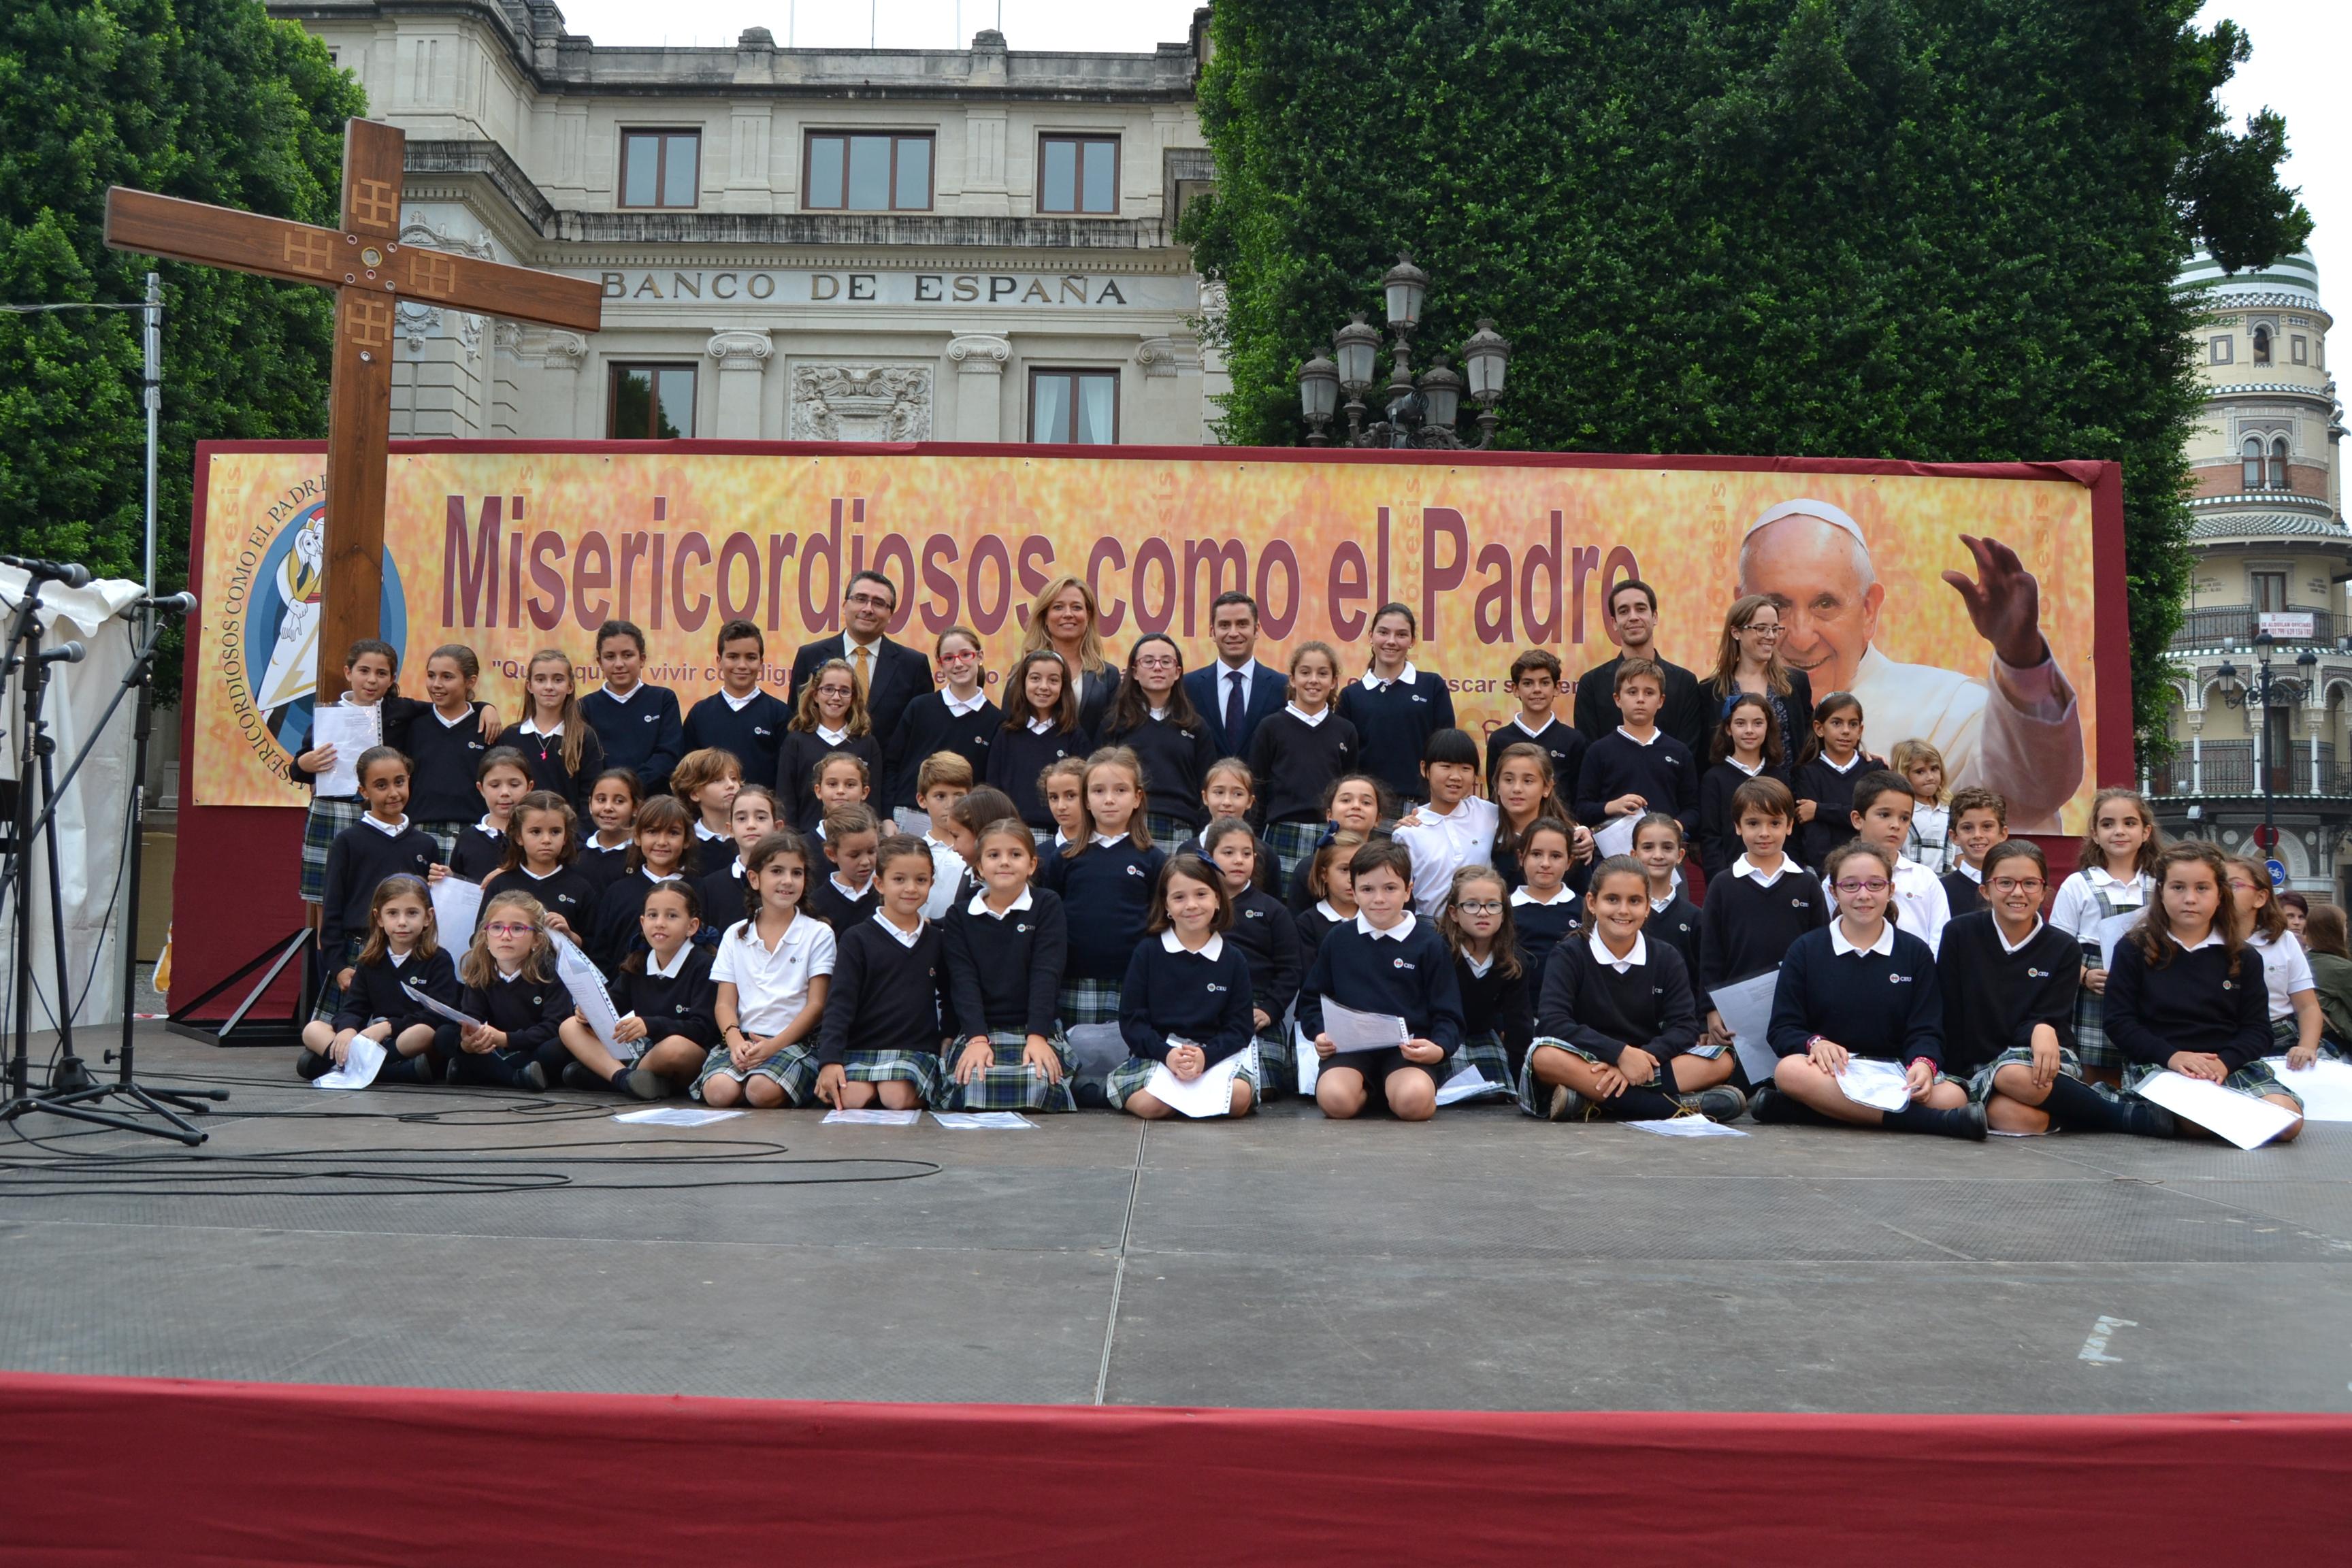 escolania-colegio-ceu-sevilla-muestra-misericordia-4